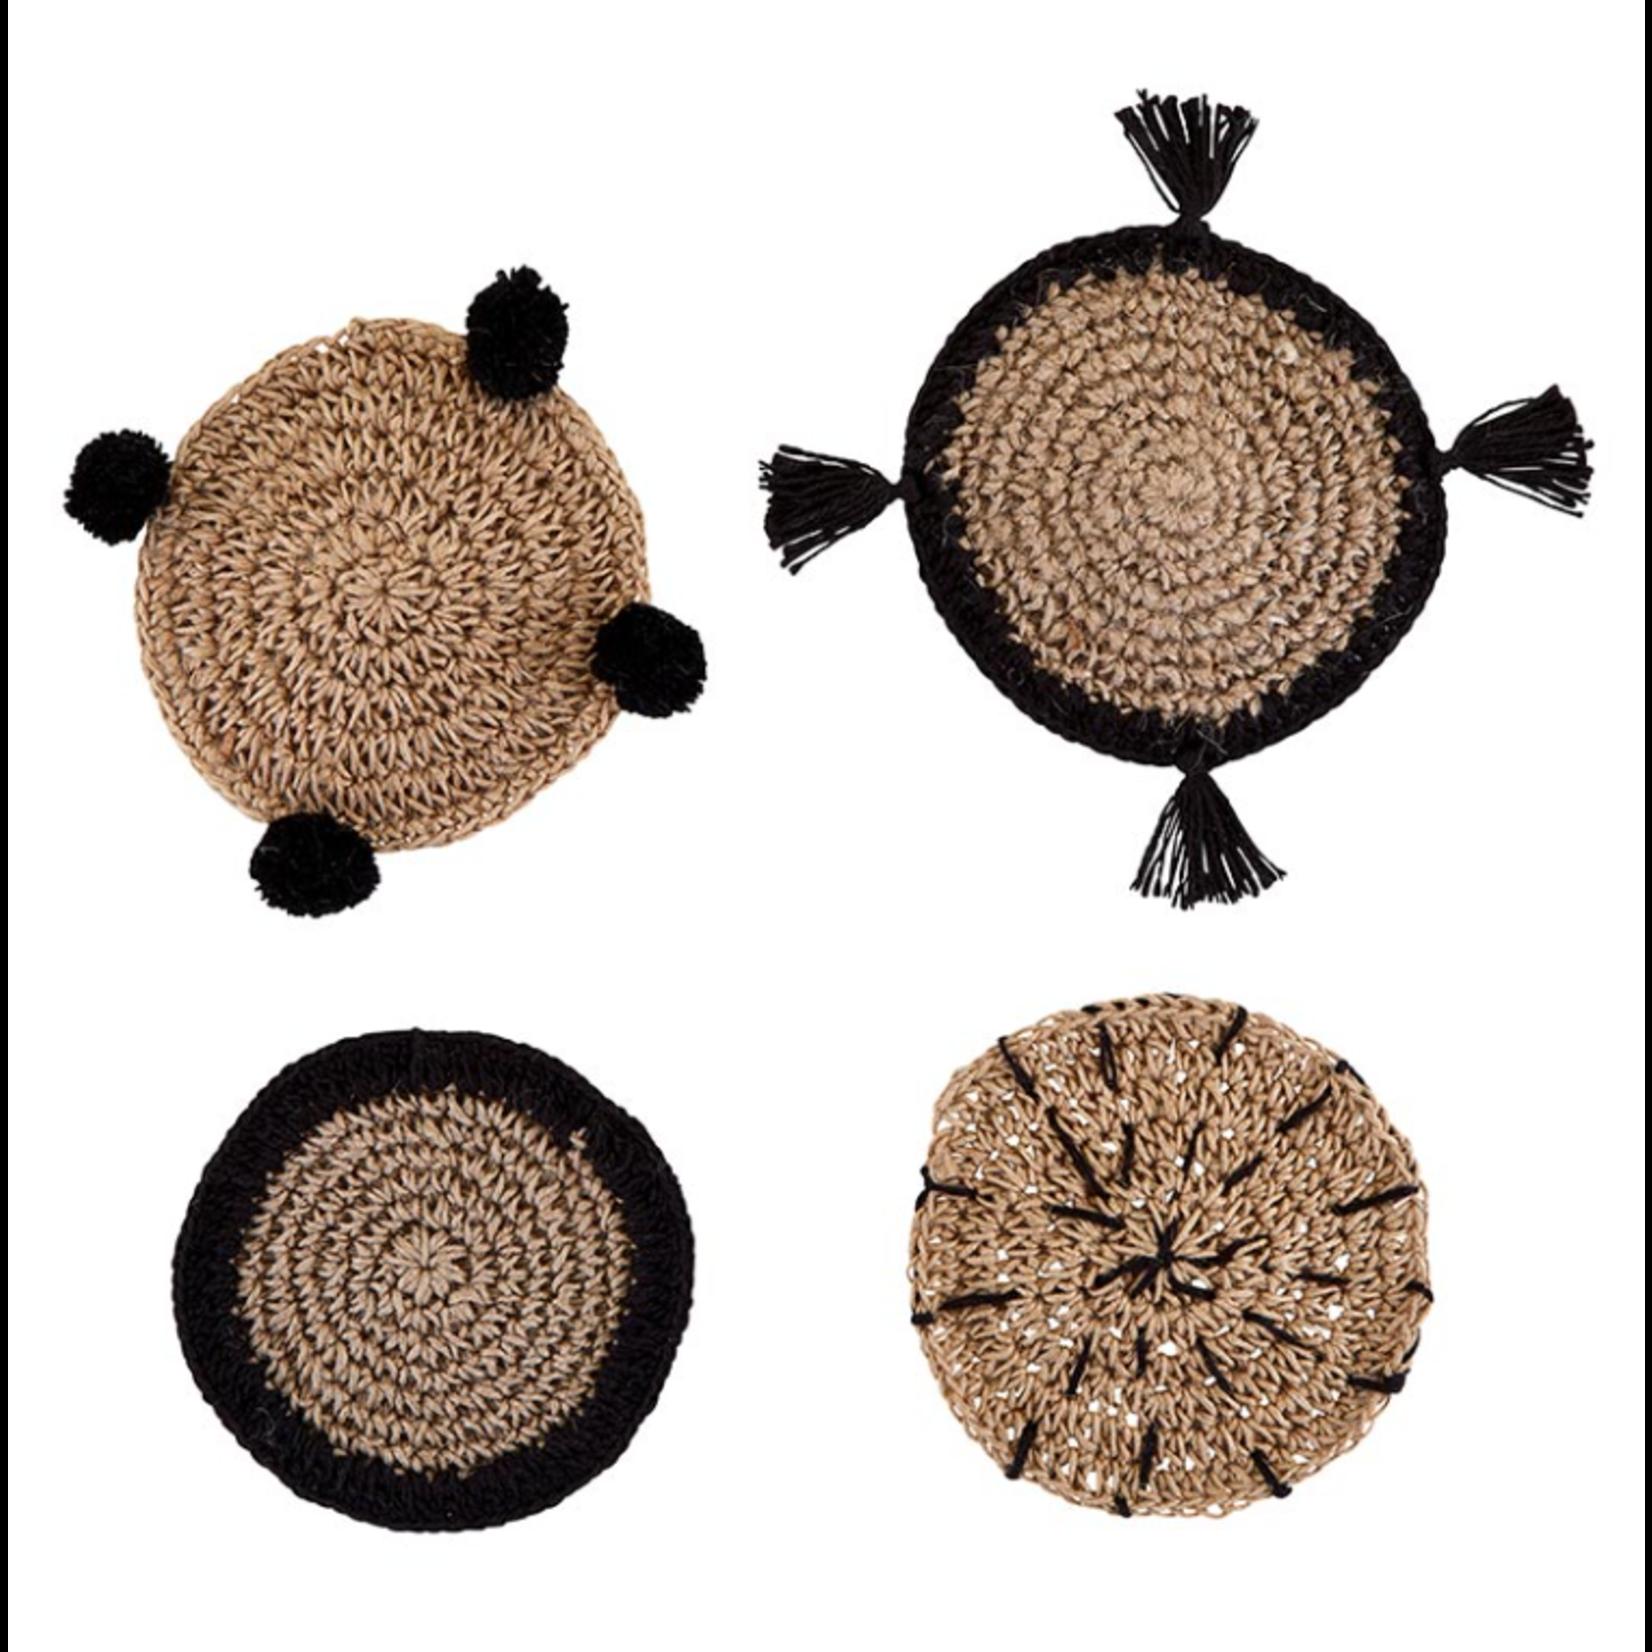 Santa Barbara Design Studio Seagrass Coasters in Burlap Bag